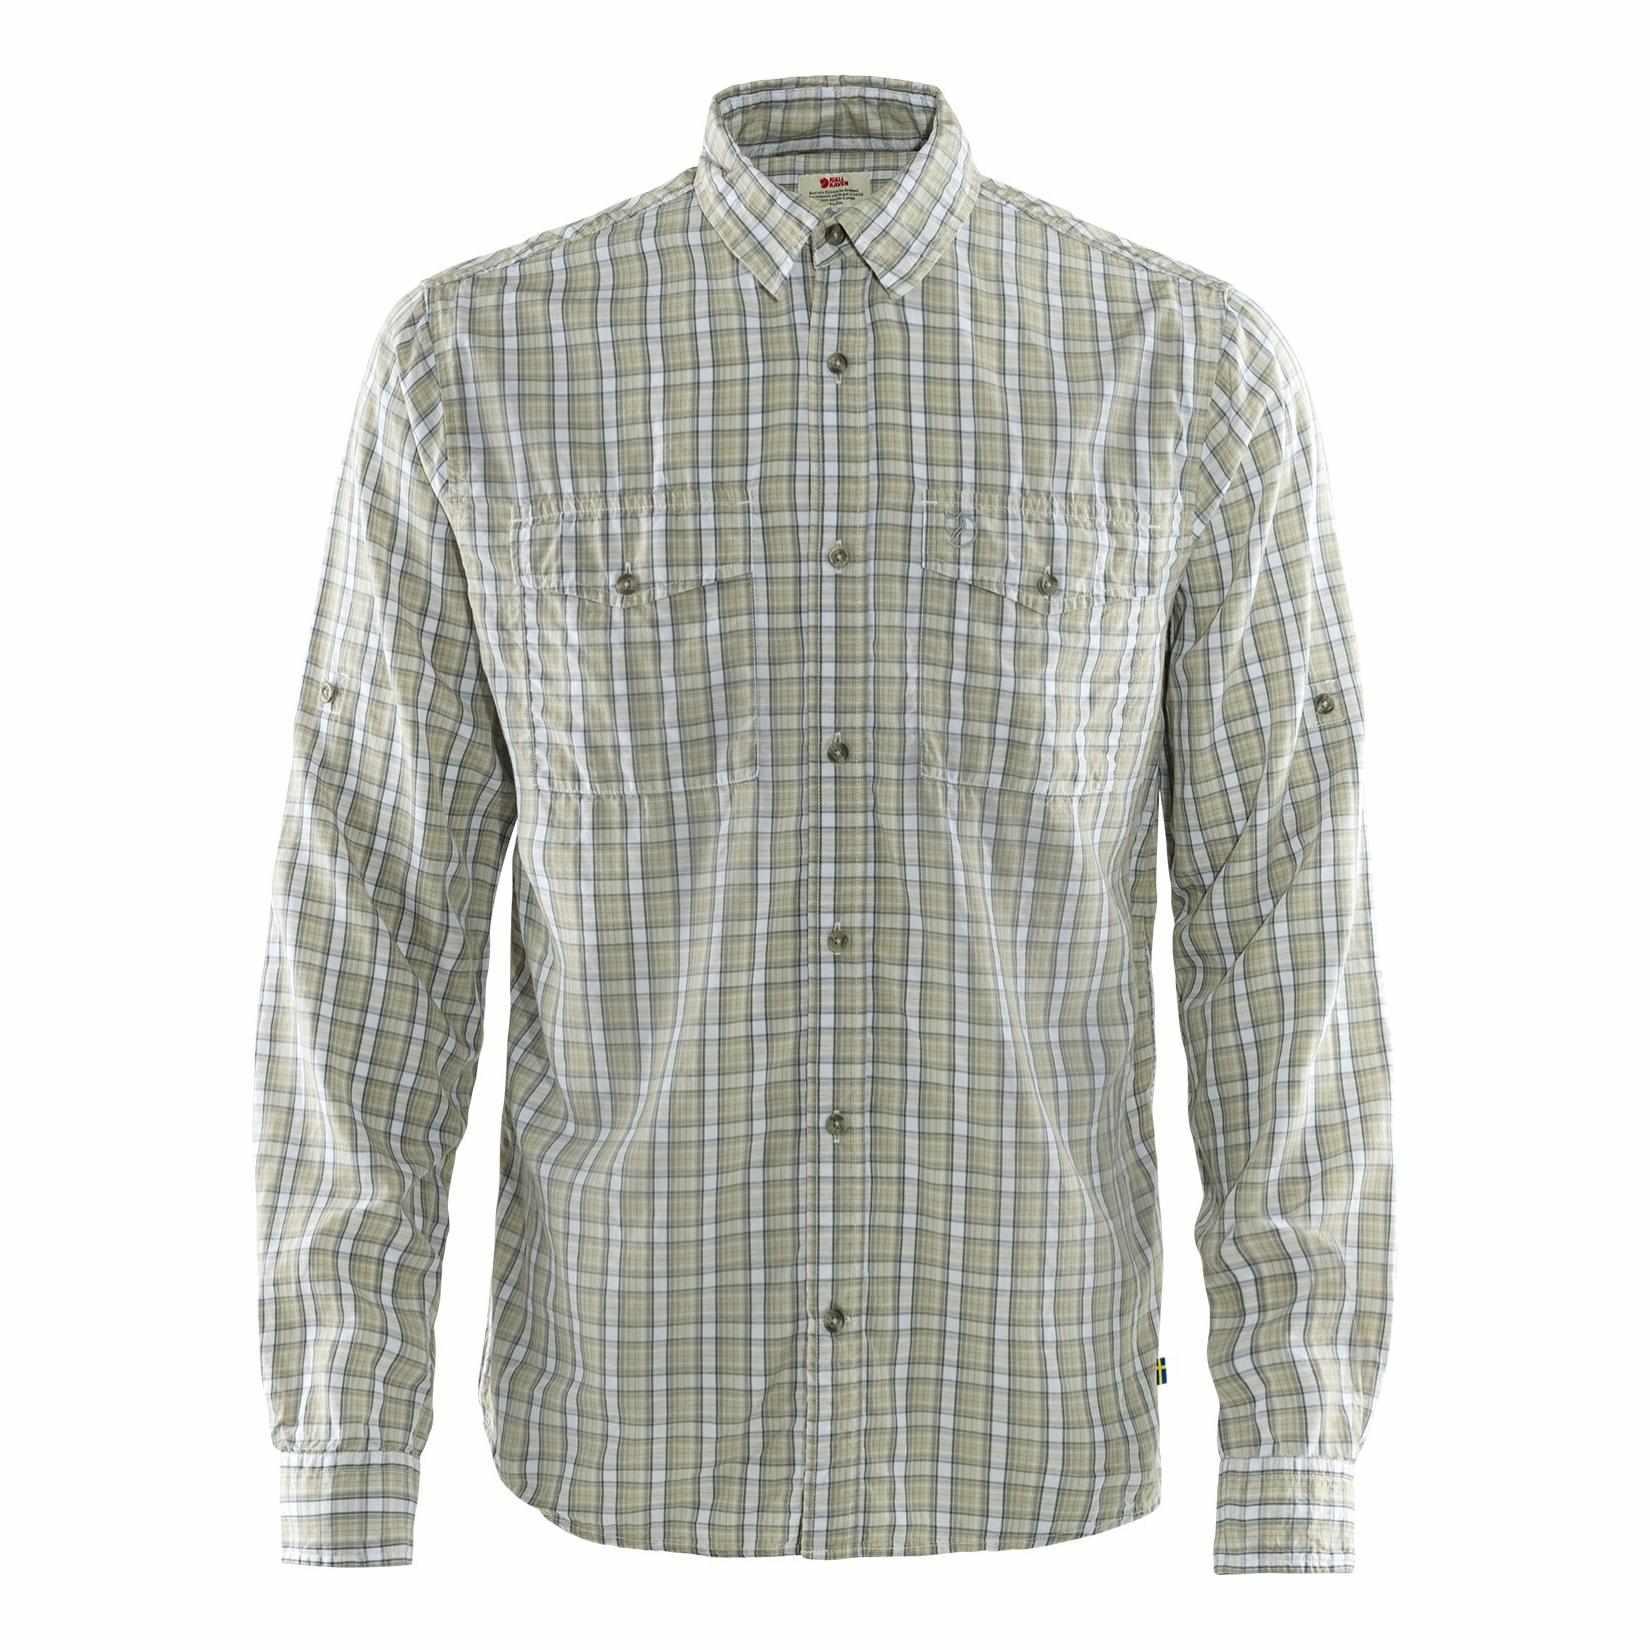 Image of Fjällräven Abisko Cool Shirt LS Herren Outdoorhemd grau-beige Gr. XXL